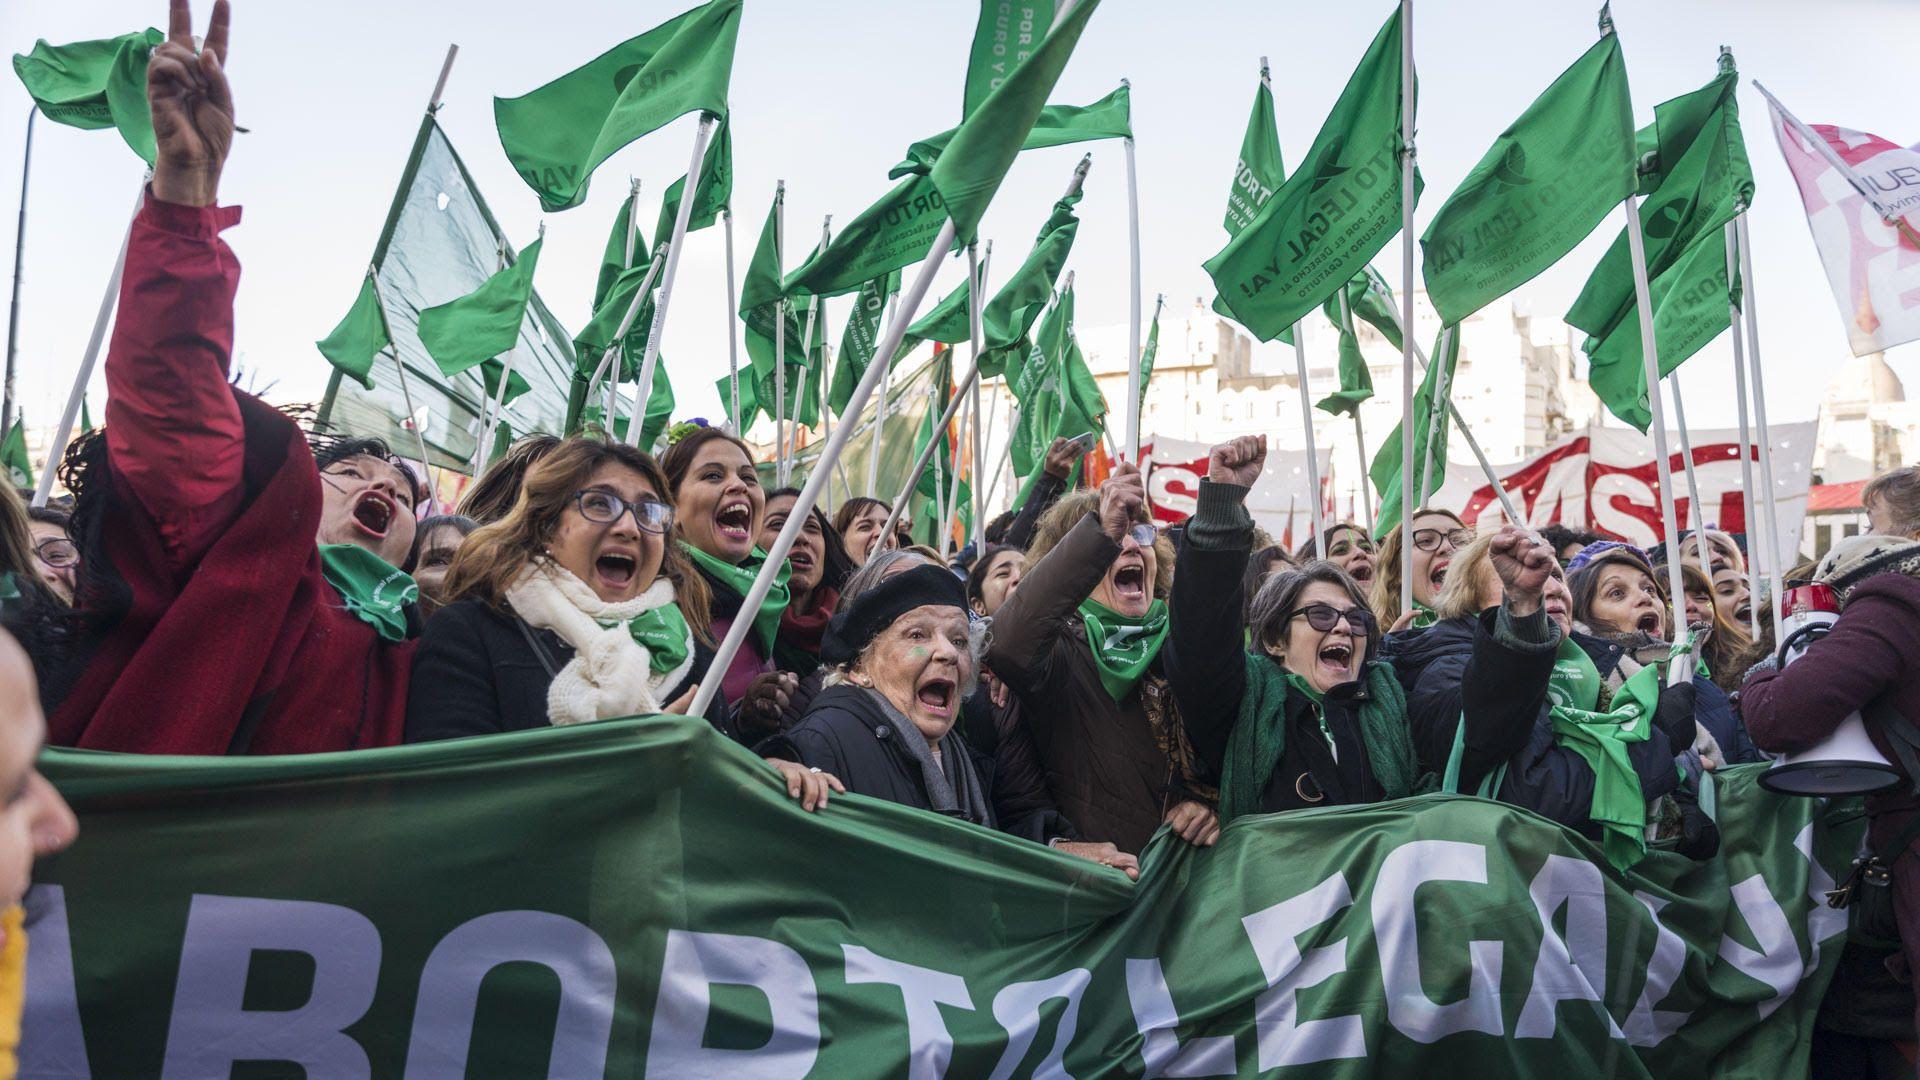 En 2018 frente al Congreso Nacional, tras la media sanción de Diputados, luego de mas de 20 horas de debate